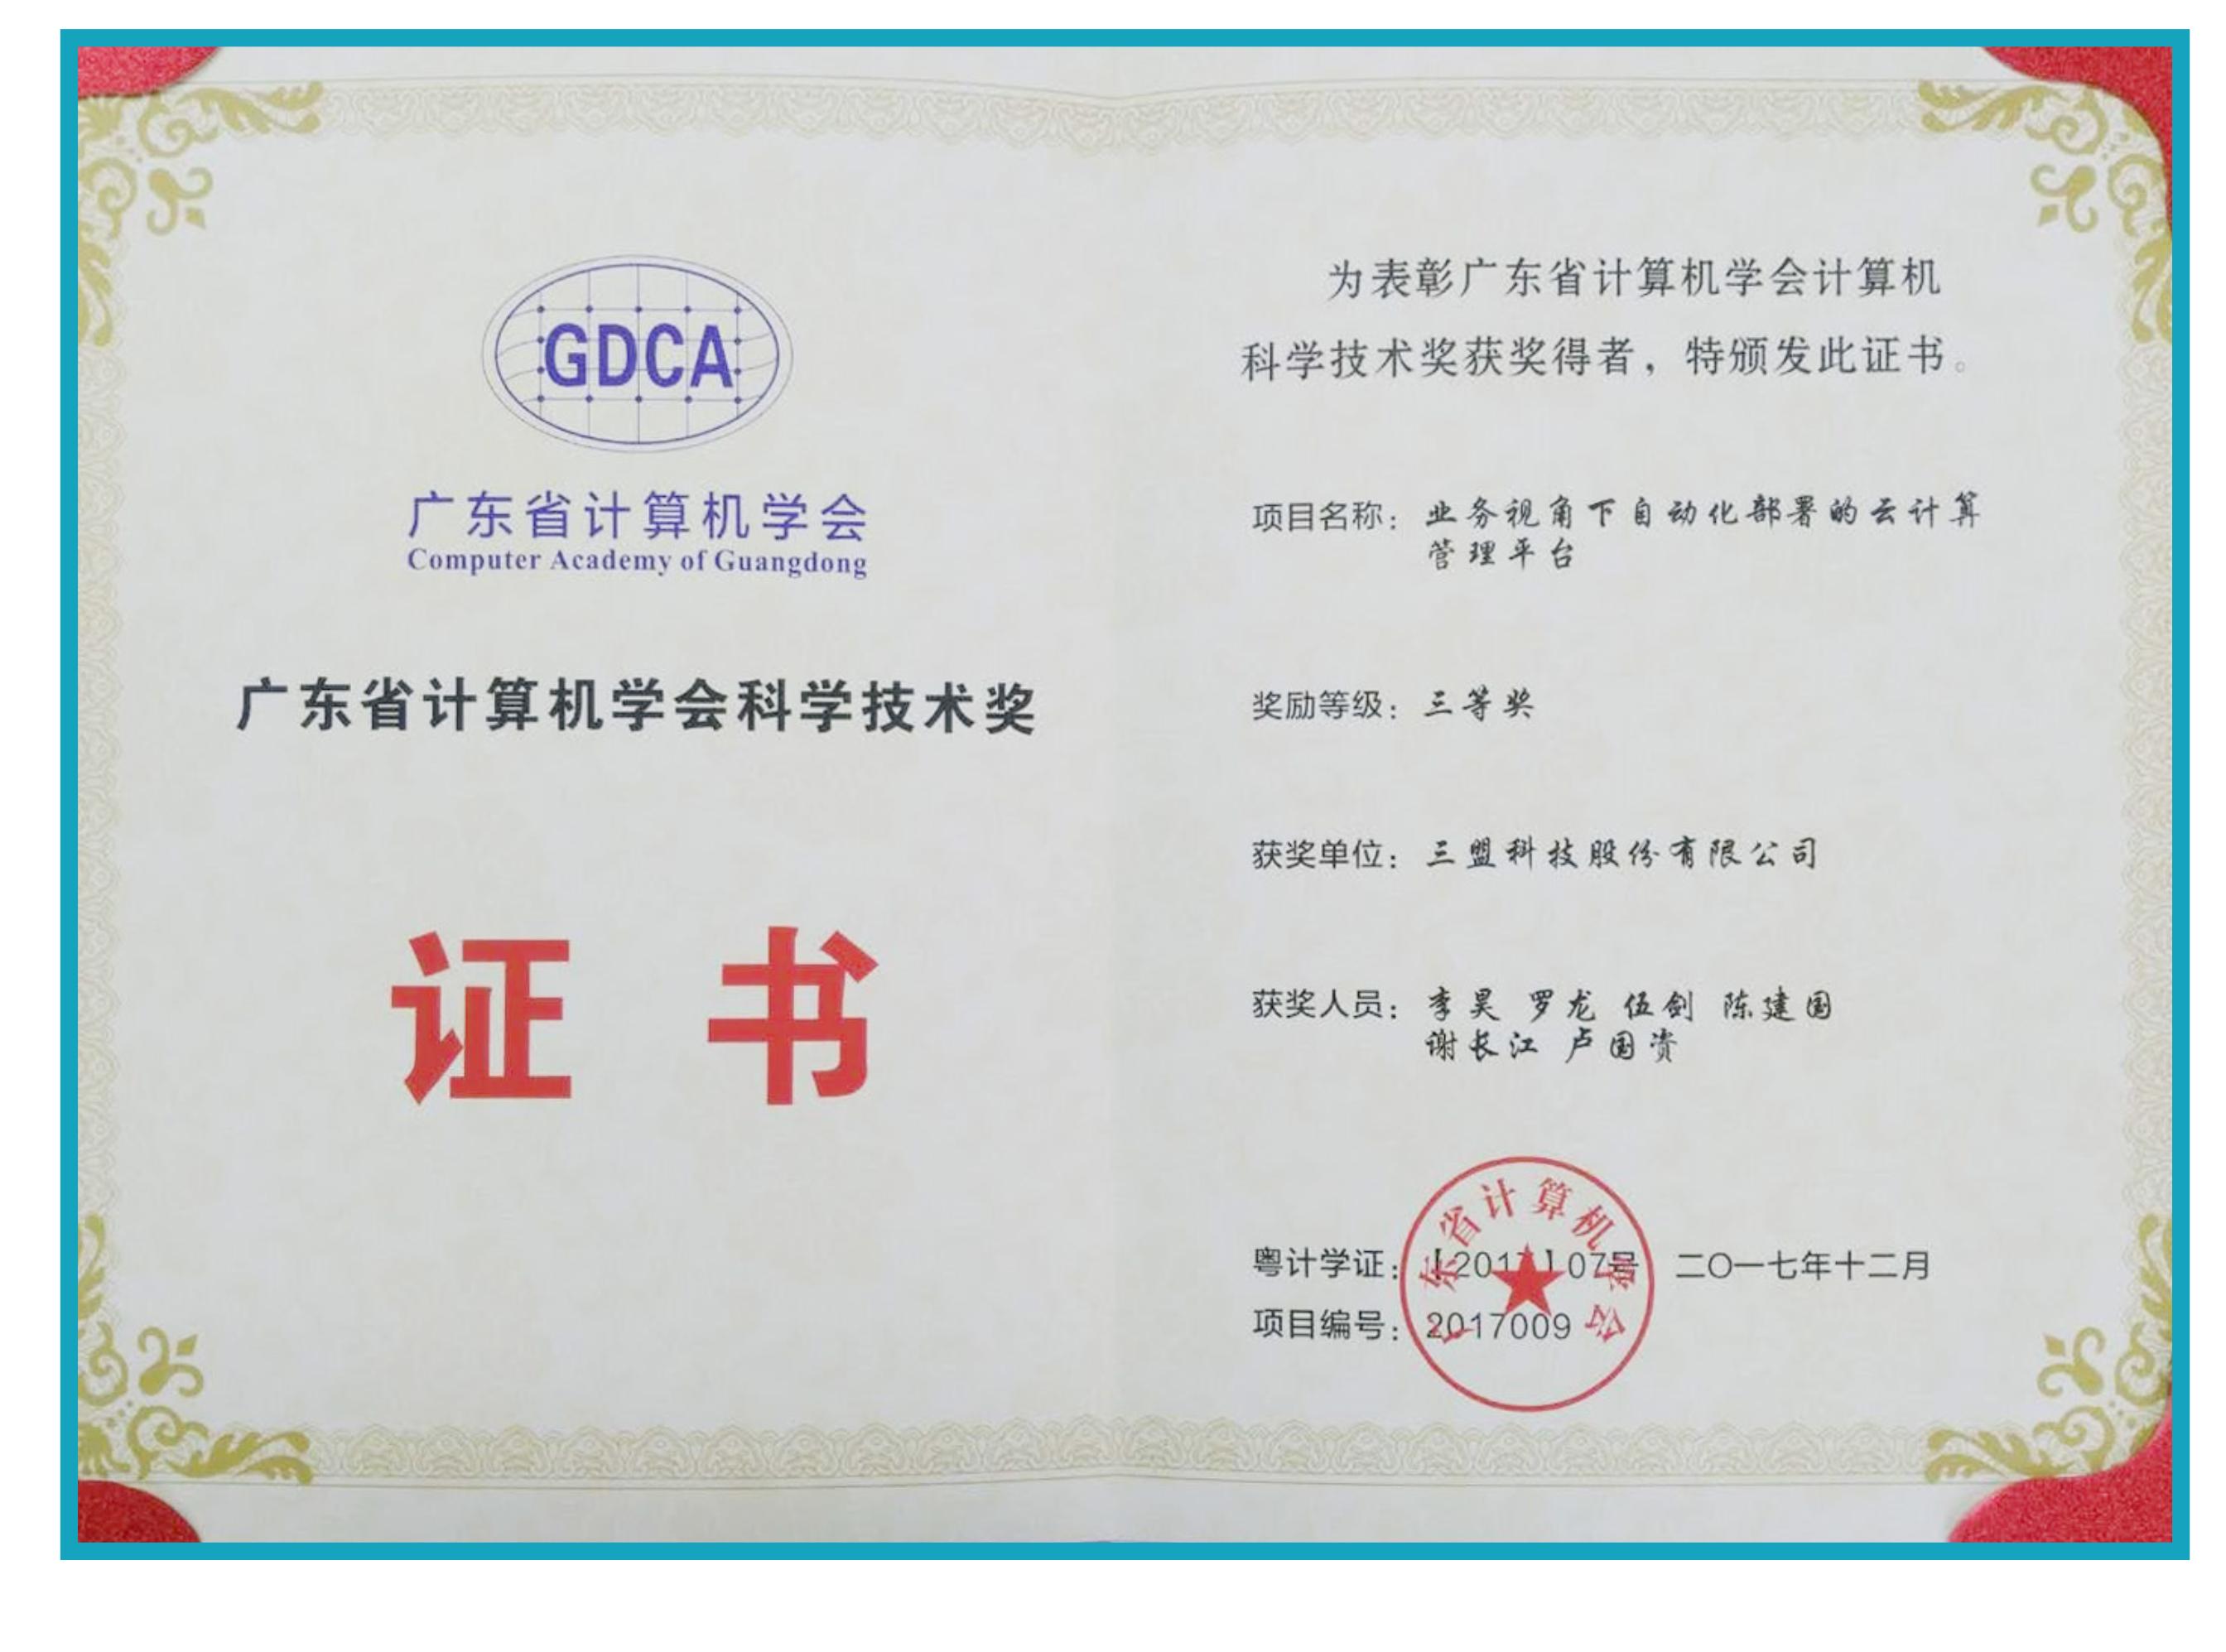 广东省计算机学会科学技术奖证书